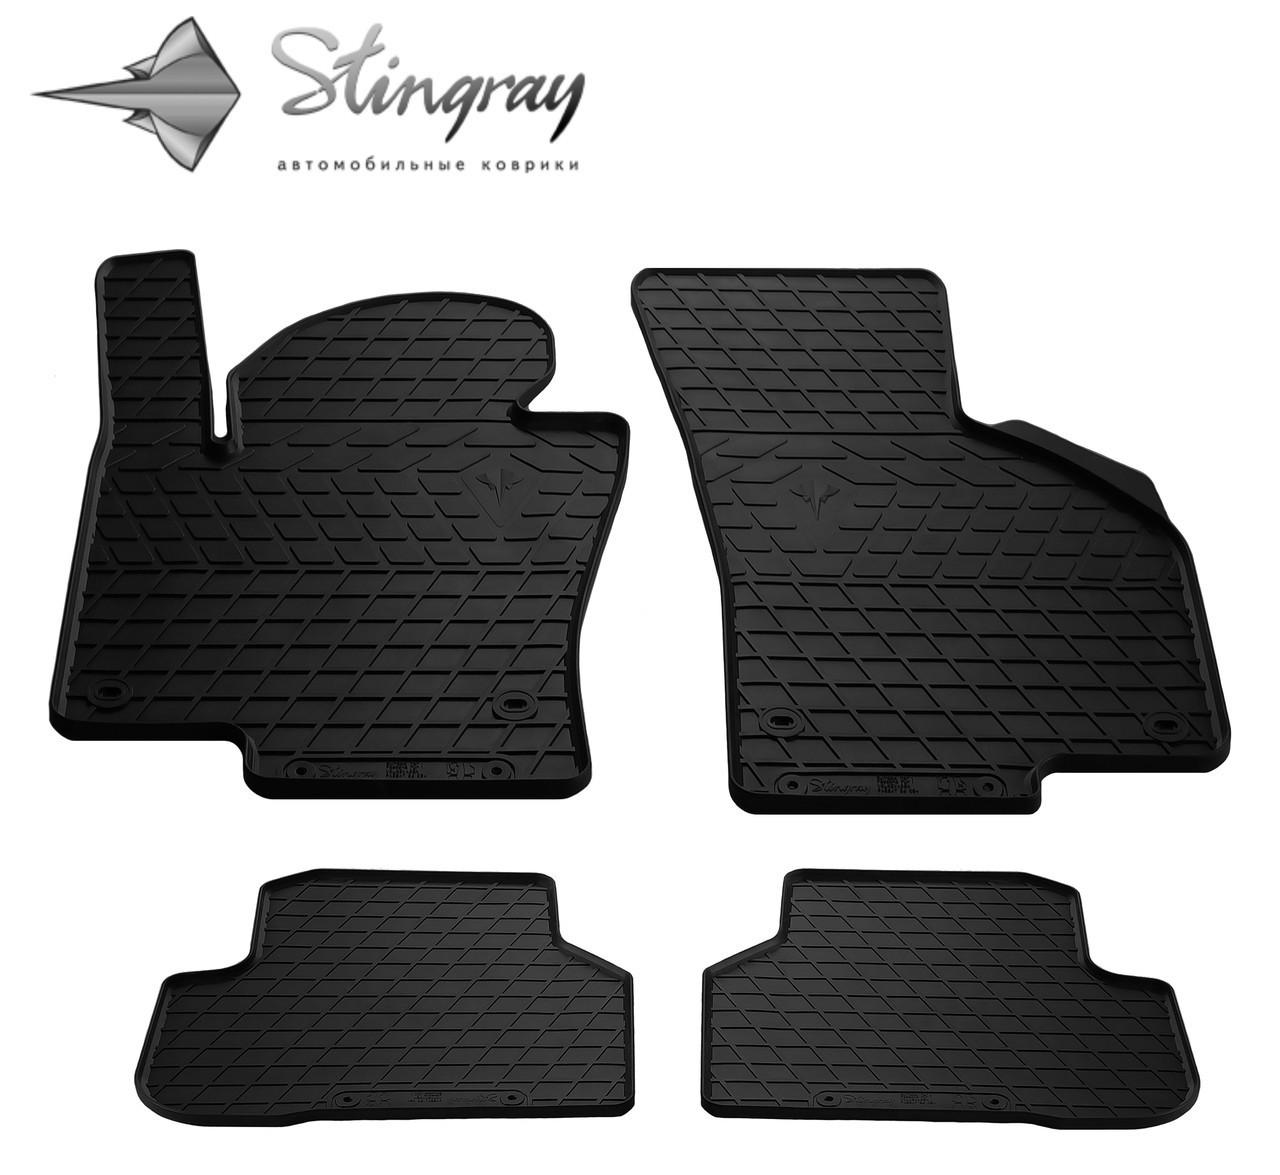 Коврики автомобильные для Volkswagen Passat B6 2005-2010 Stingray